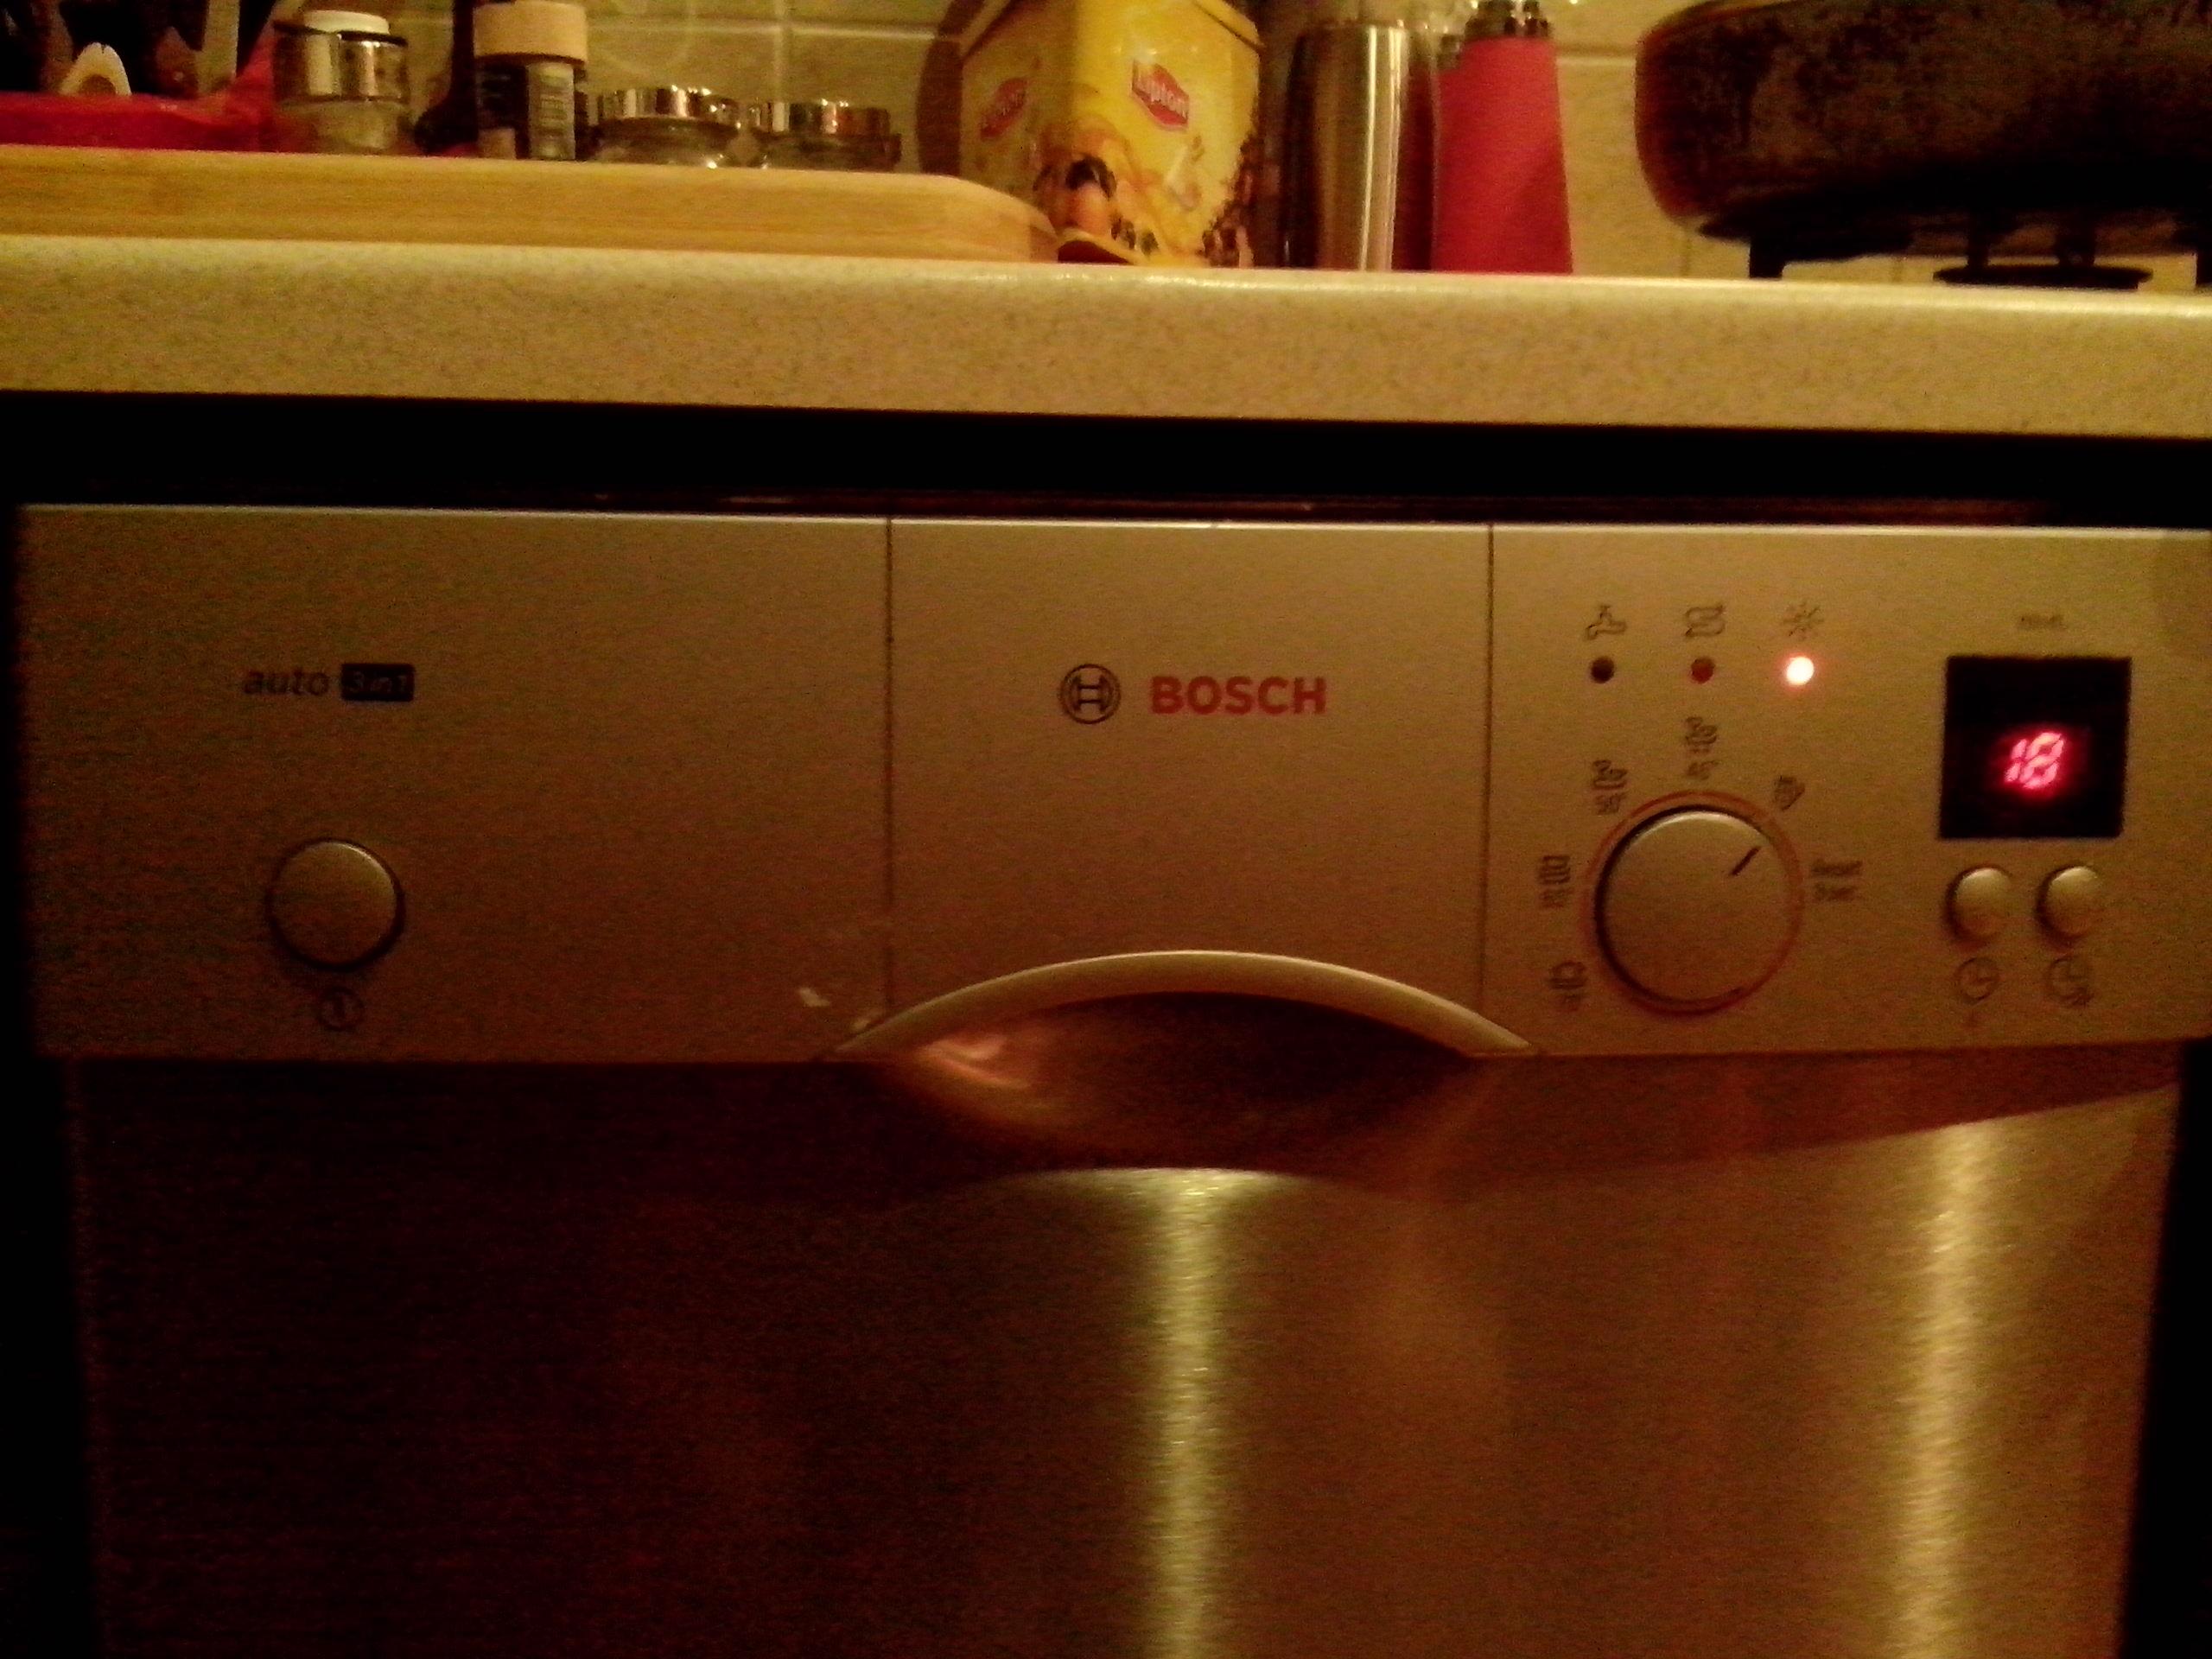 Ogromny Zmywarka Bosch 3in1 - zmywarka nie pobiera wody - elektroda.pl GU22